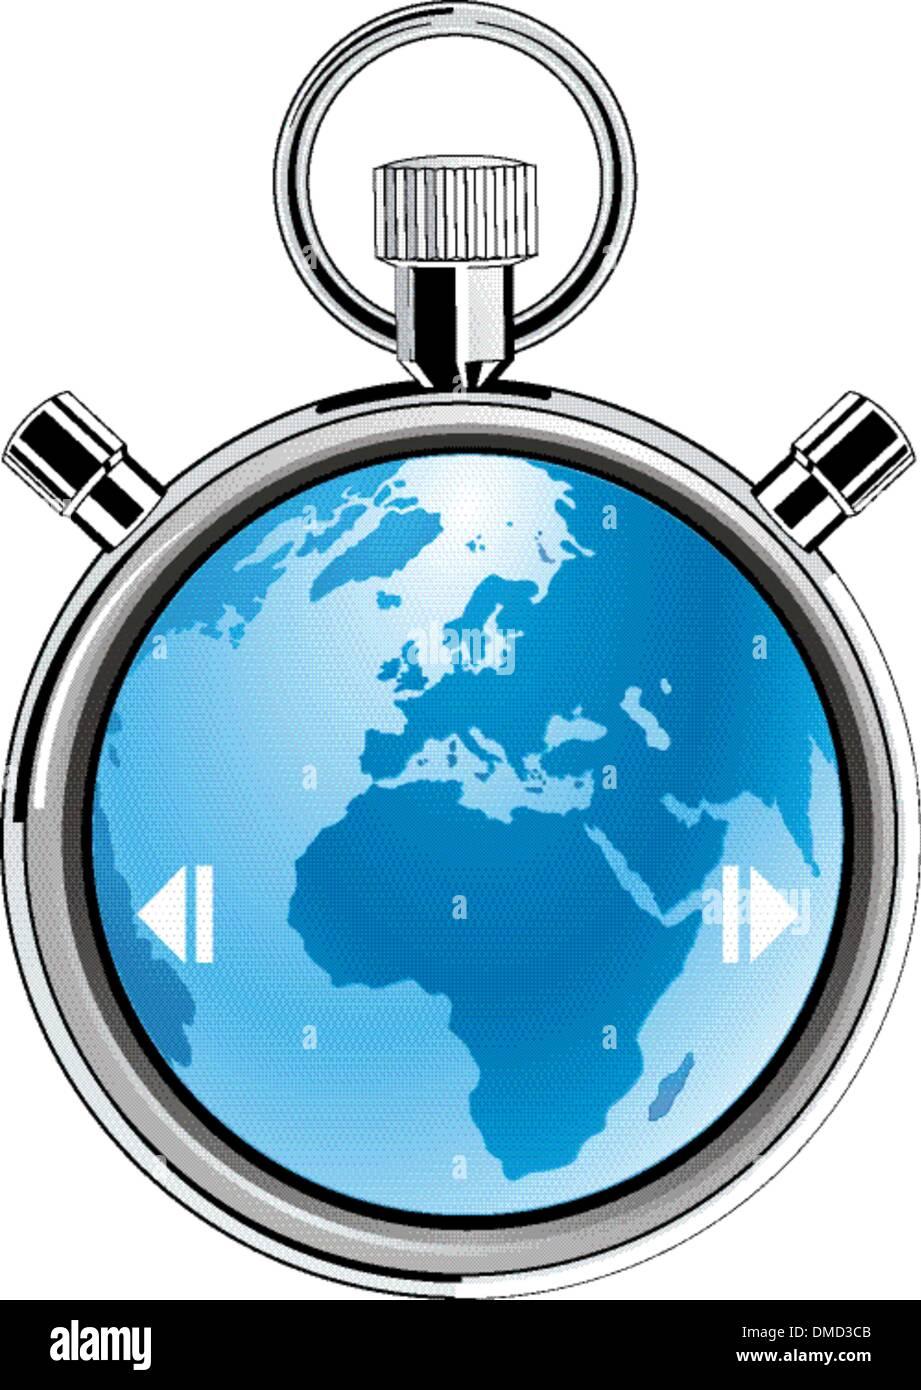 terra di cronometro Immagini Stock